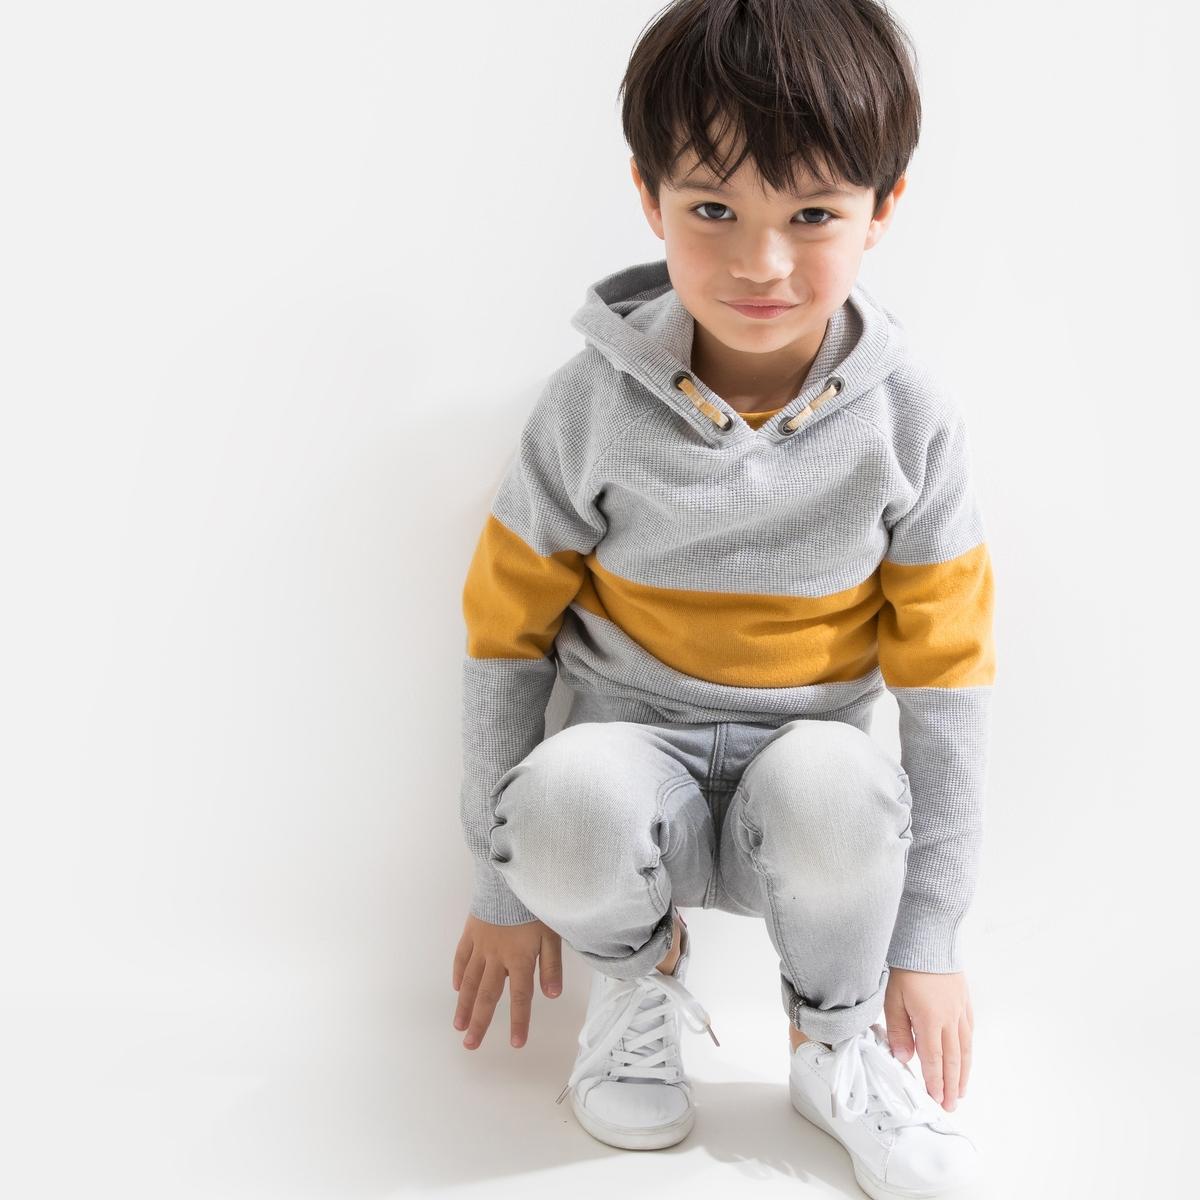 Пуловер-свитшот La Redoute С капюшоном с контрастной полоской 12 лет -150 см серый пижама la redoute с надписью 12 лет 150 см серый